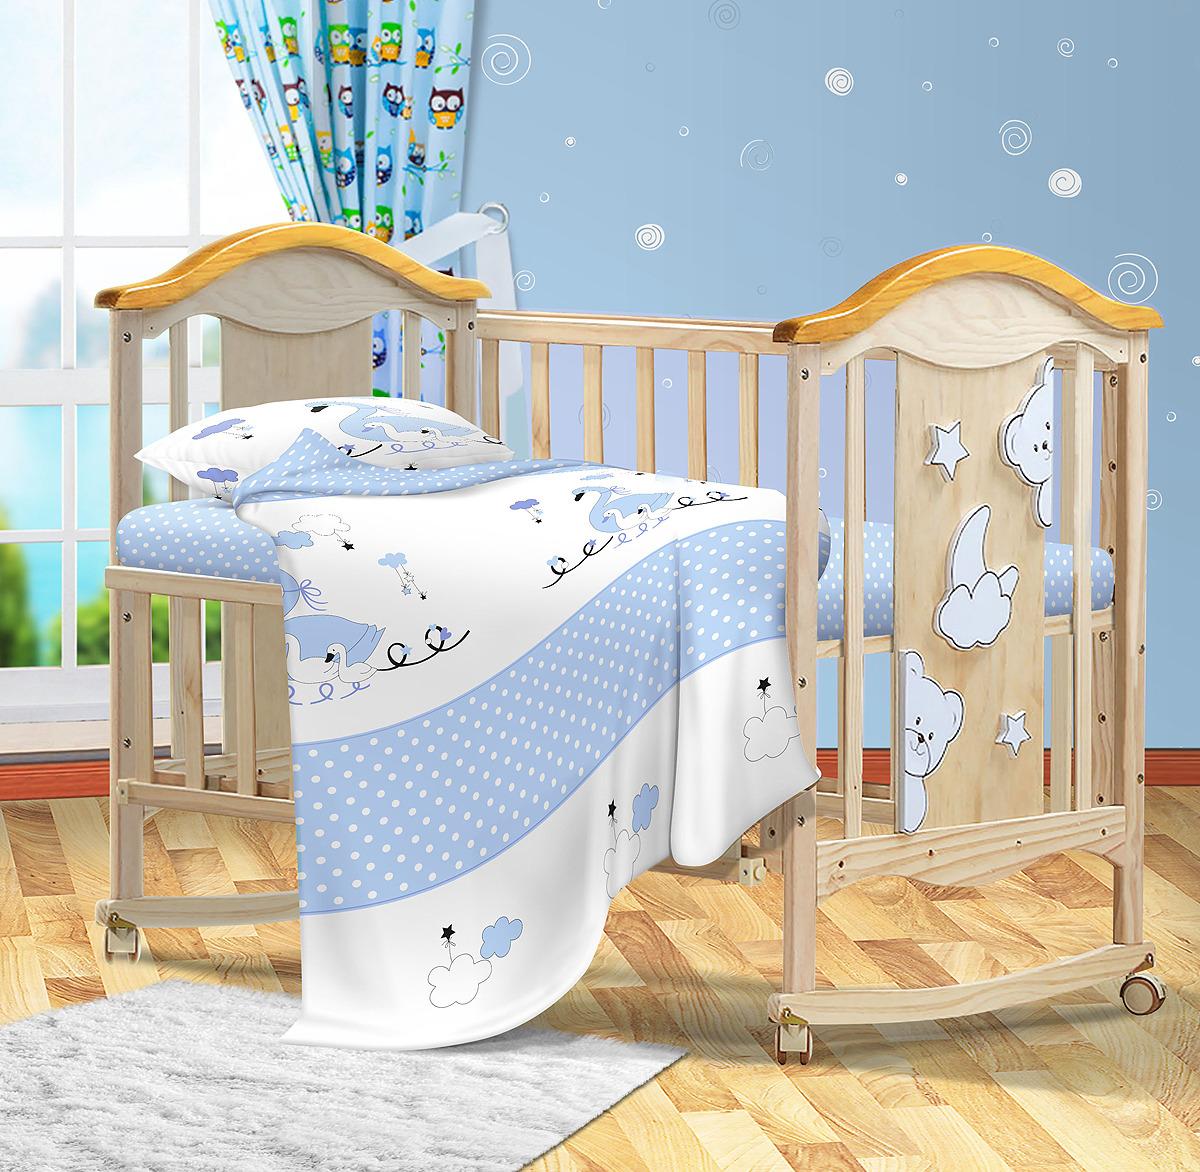 Комплект постельного белья детский Bonne Fee ОДР-110х140/2, голубой комплект постельного белья детский bonne fee опдр 110х140 3 розовый